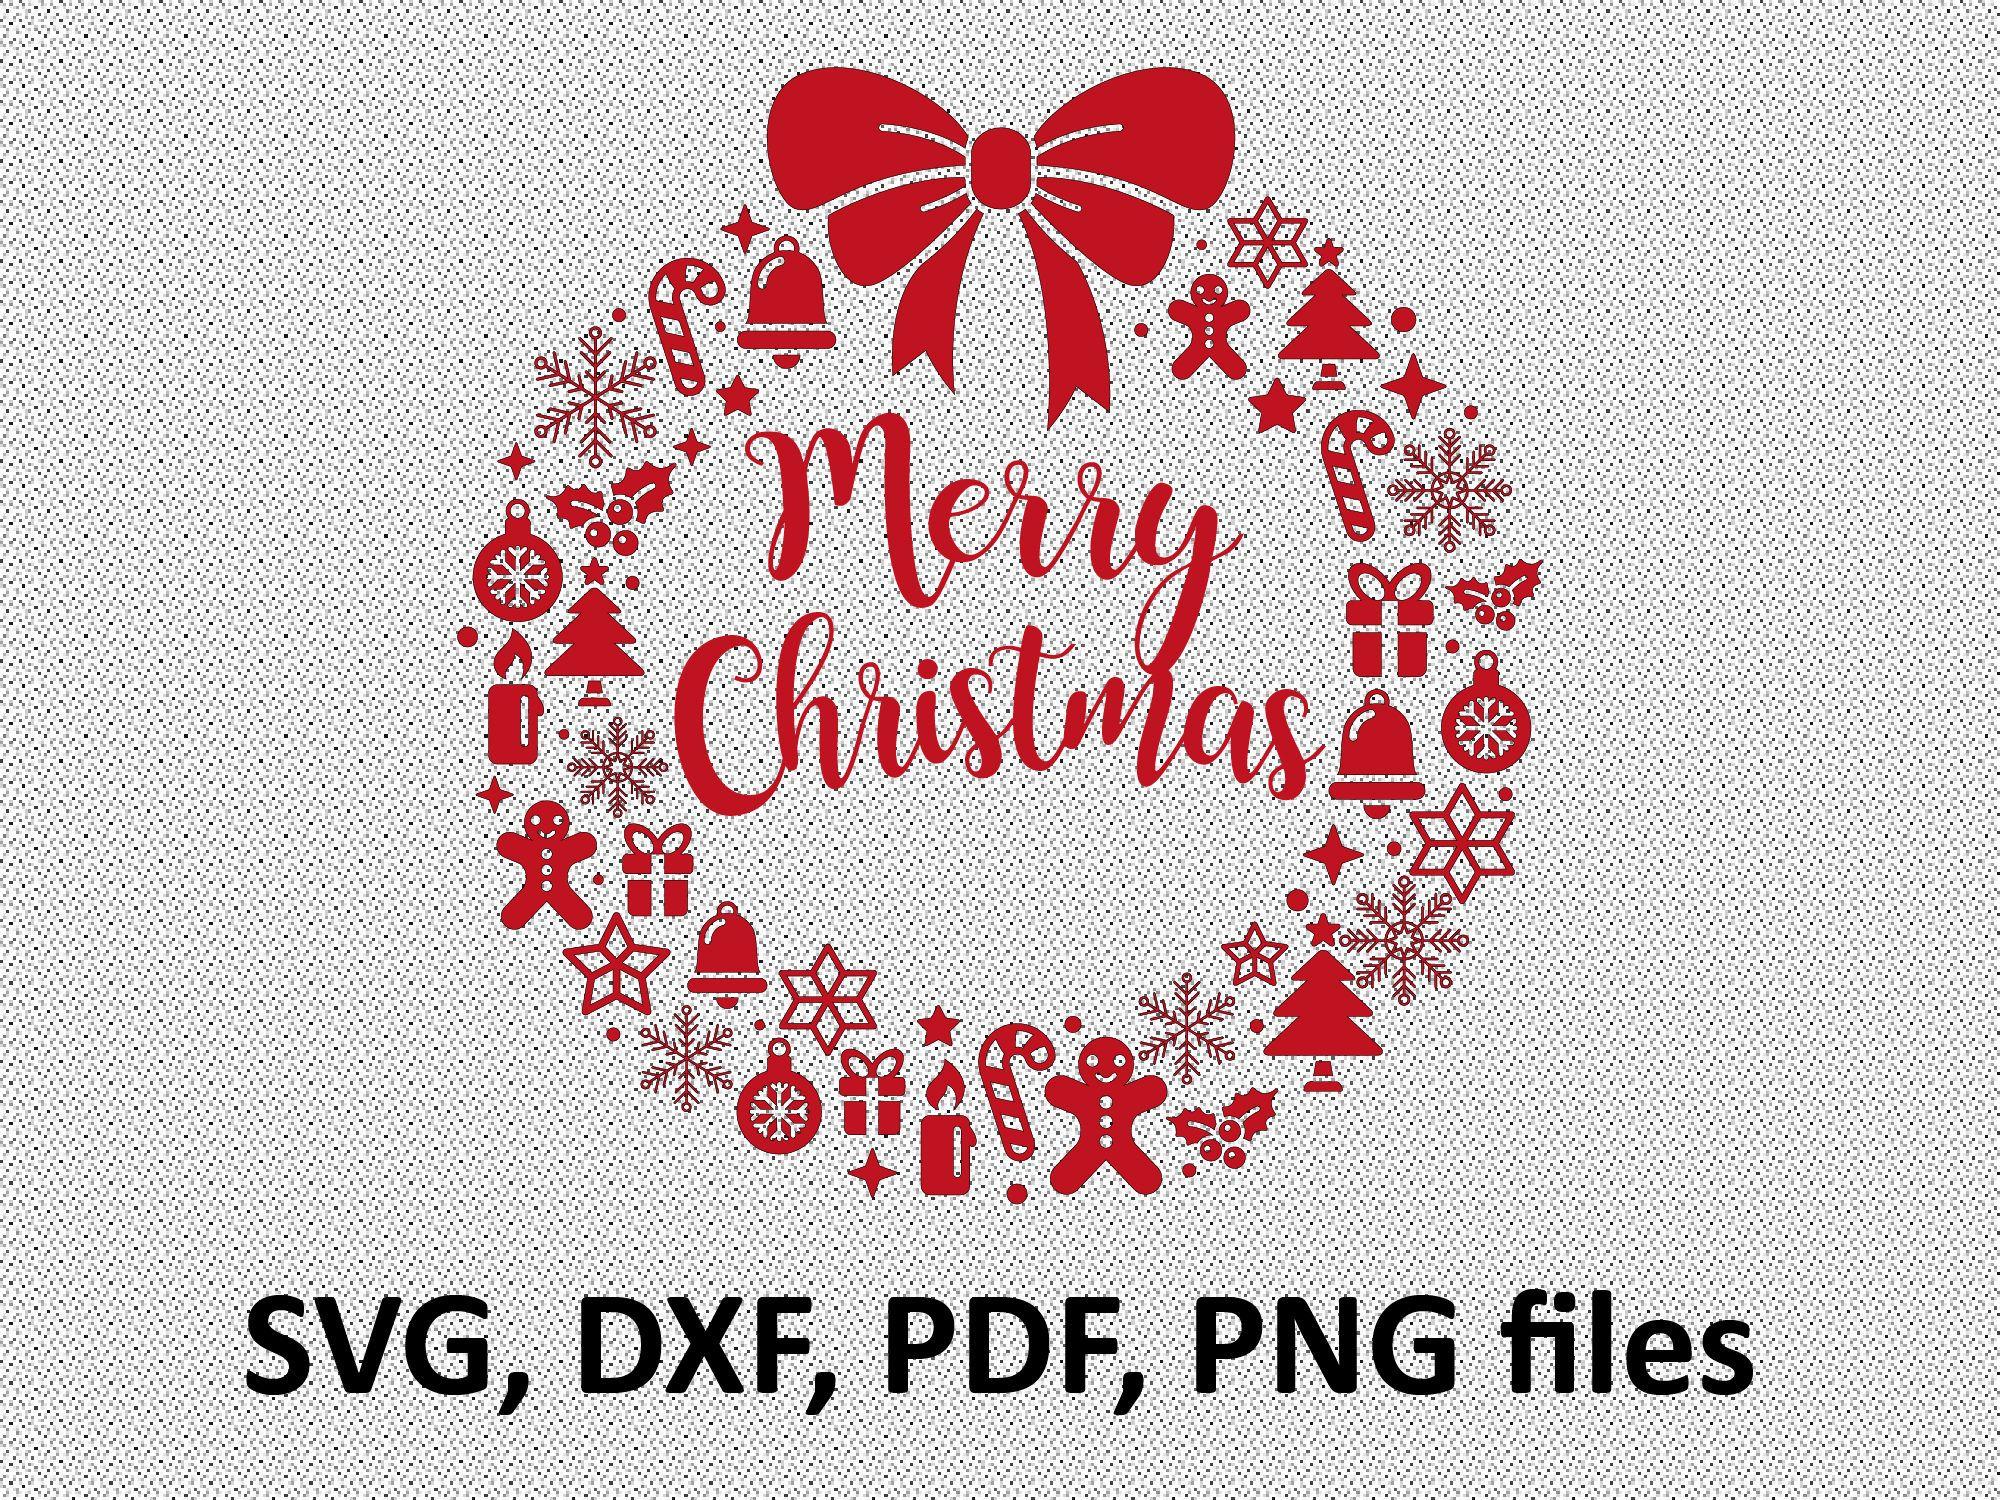 Christmas wreath SVG, Christmas svg, Christmas wreath clip